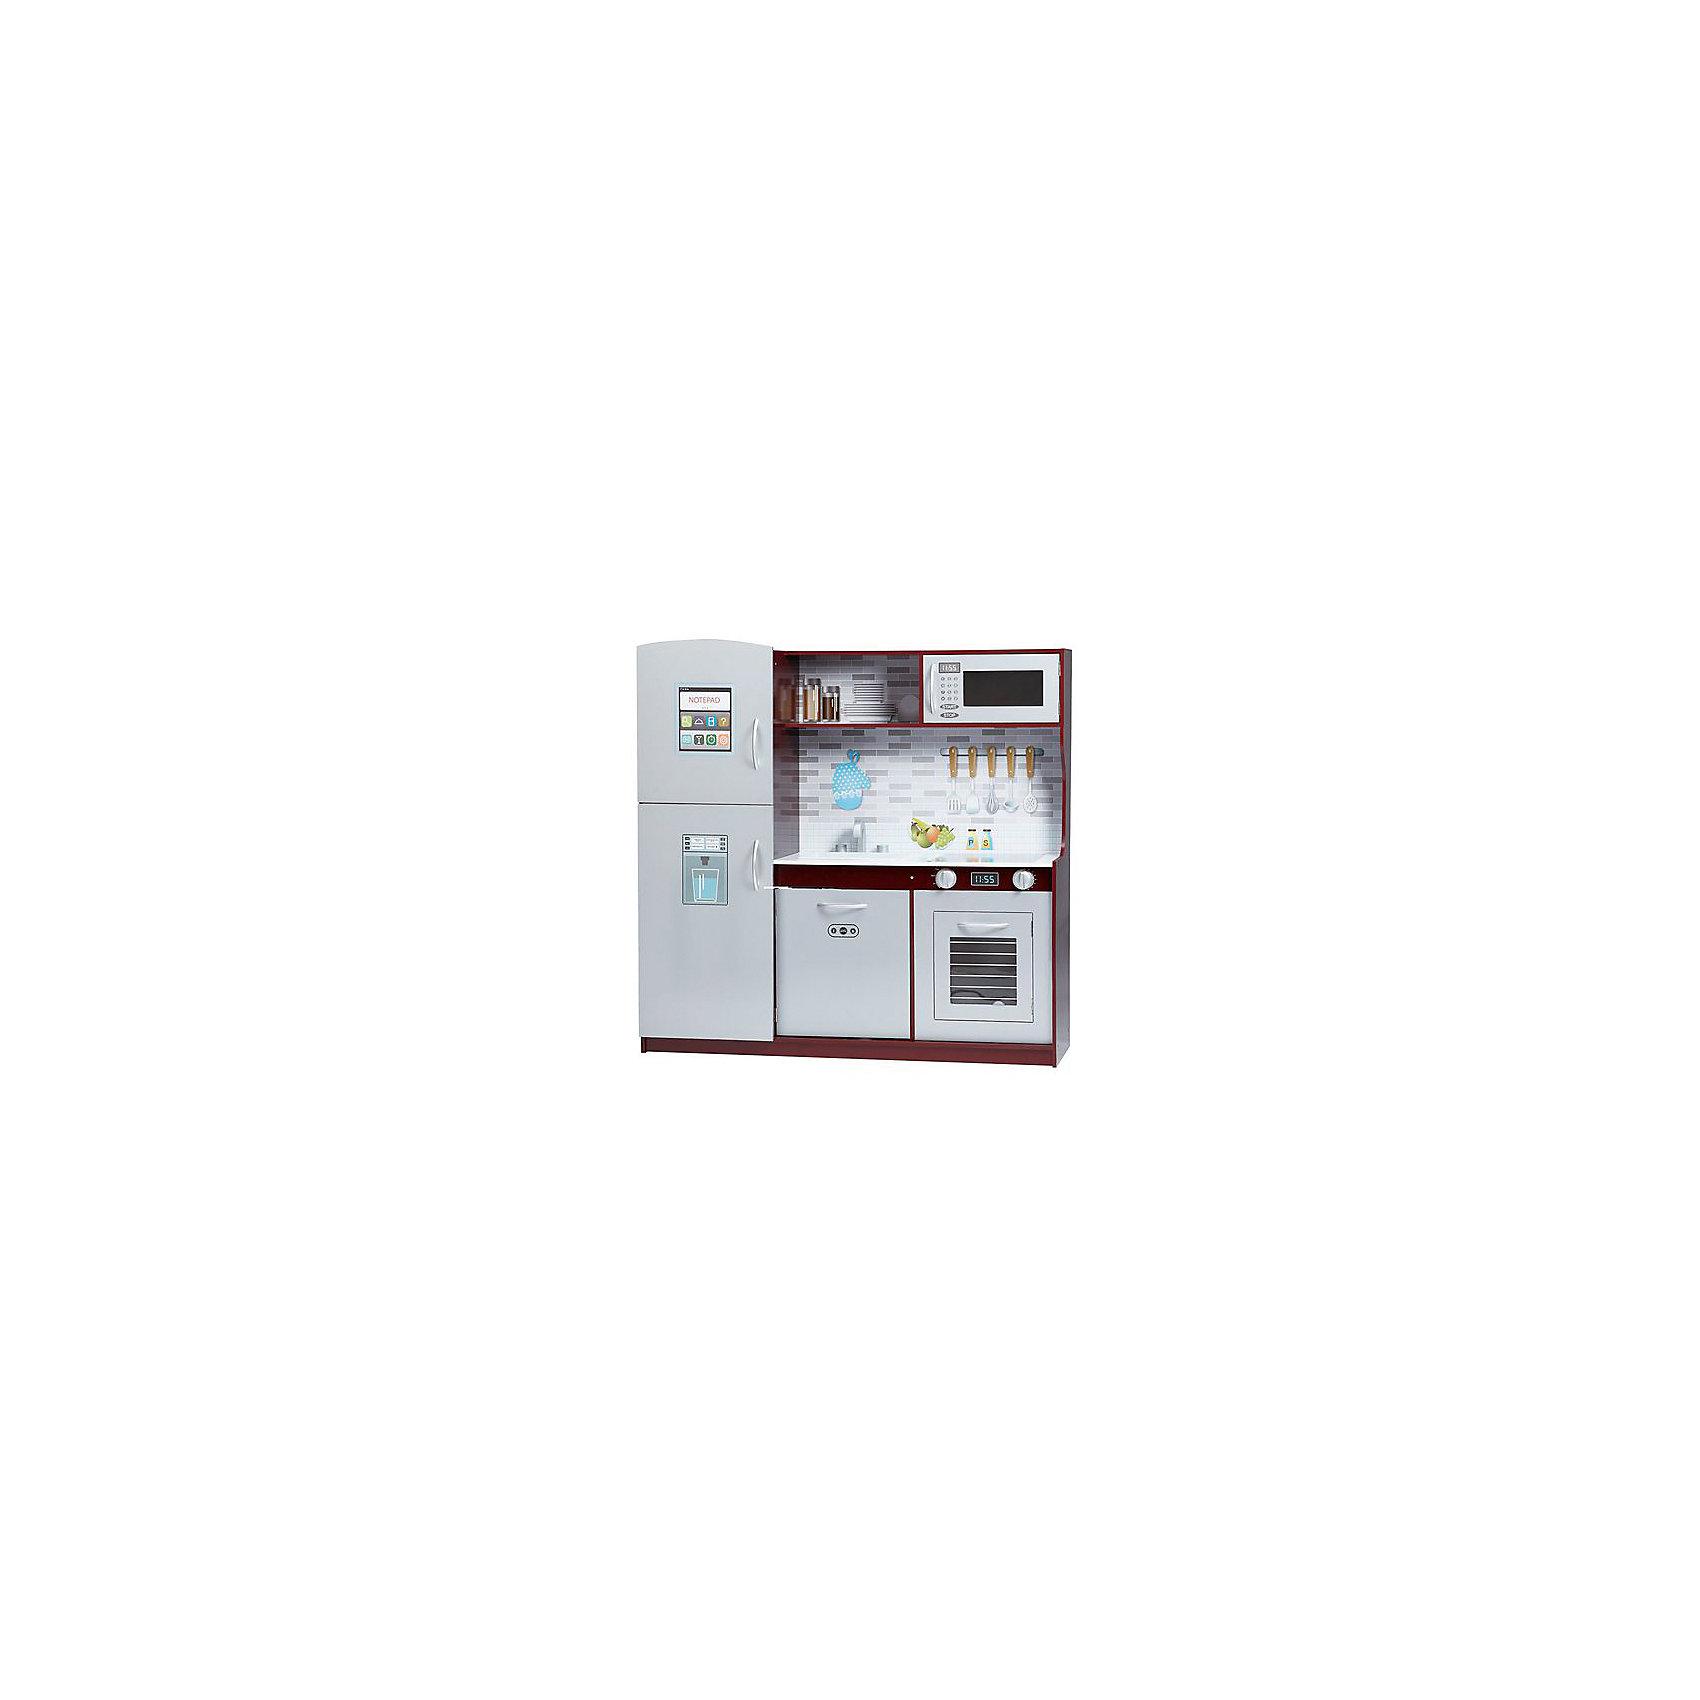 Большая современная детская кухня из дерева Модерн, Kids4kidsДетские кухни<br>1. Стильная игровая кухня из дерева в современном дизайне станет отличным подарком для мальчиков и девочек.<br>2. Большая современная детская кухня из дерева Модерн - это вместительная площадка для сюжетно-ролевых игр в повара. Игрушка включает: двухкамерный холодильник, микроволновку, посудомоечную машину, плиту, мойку. Включатели газа и кран поворачиваются. Стенки обклеены имитациями интерьера кухни. <br>3. Необычный дизайн превращает игровую кухню в настоящее украшение интерьера детской. А благодаря обилию полочек и шкафчиков в ней удобно хранить  все аксессуары для игр, поддерживая порядок в комнате.<br>4. Сюжетные игры в повара развивают у детей навыки социализации, воображение и фантазию, мелкую моторику и логику.<br>5. В наборе подробная инструкция по сборке с картинками. <br>6. Все детали выполнены из экологически чистого дерева, МДФ, рабочая поверхность оклеена красочной пленкой.<br><br>Ширина мм: 420<br>Глубина мм: 180<br>Высота мм: 1100<br>Вес г: 20000<br>Возраст от месяцев: 36<br>Возраст до месяцев: 2147483647<br>Пол: Унисекс<br>Возраст: Детский<br>SKU: 6844329